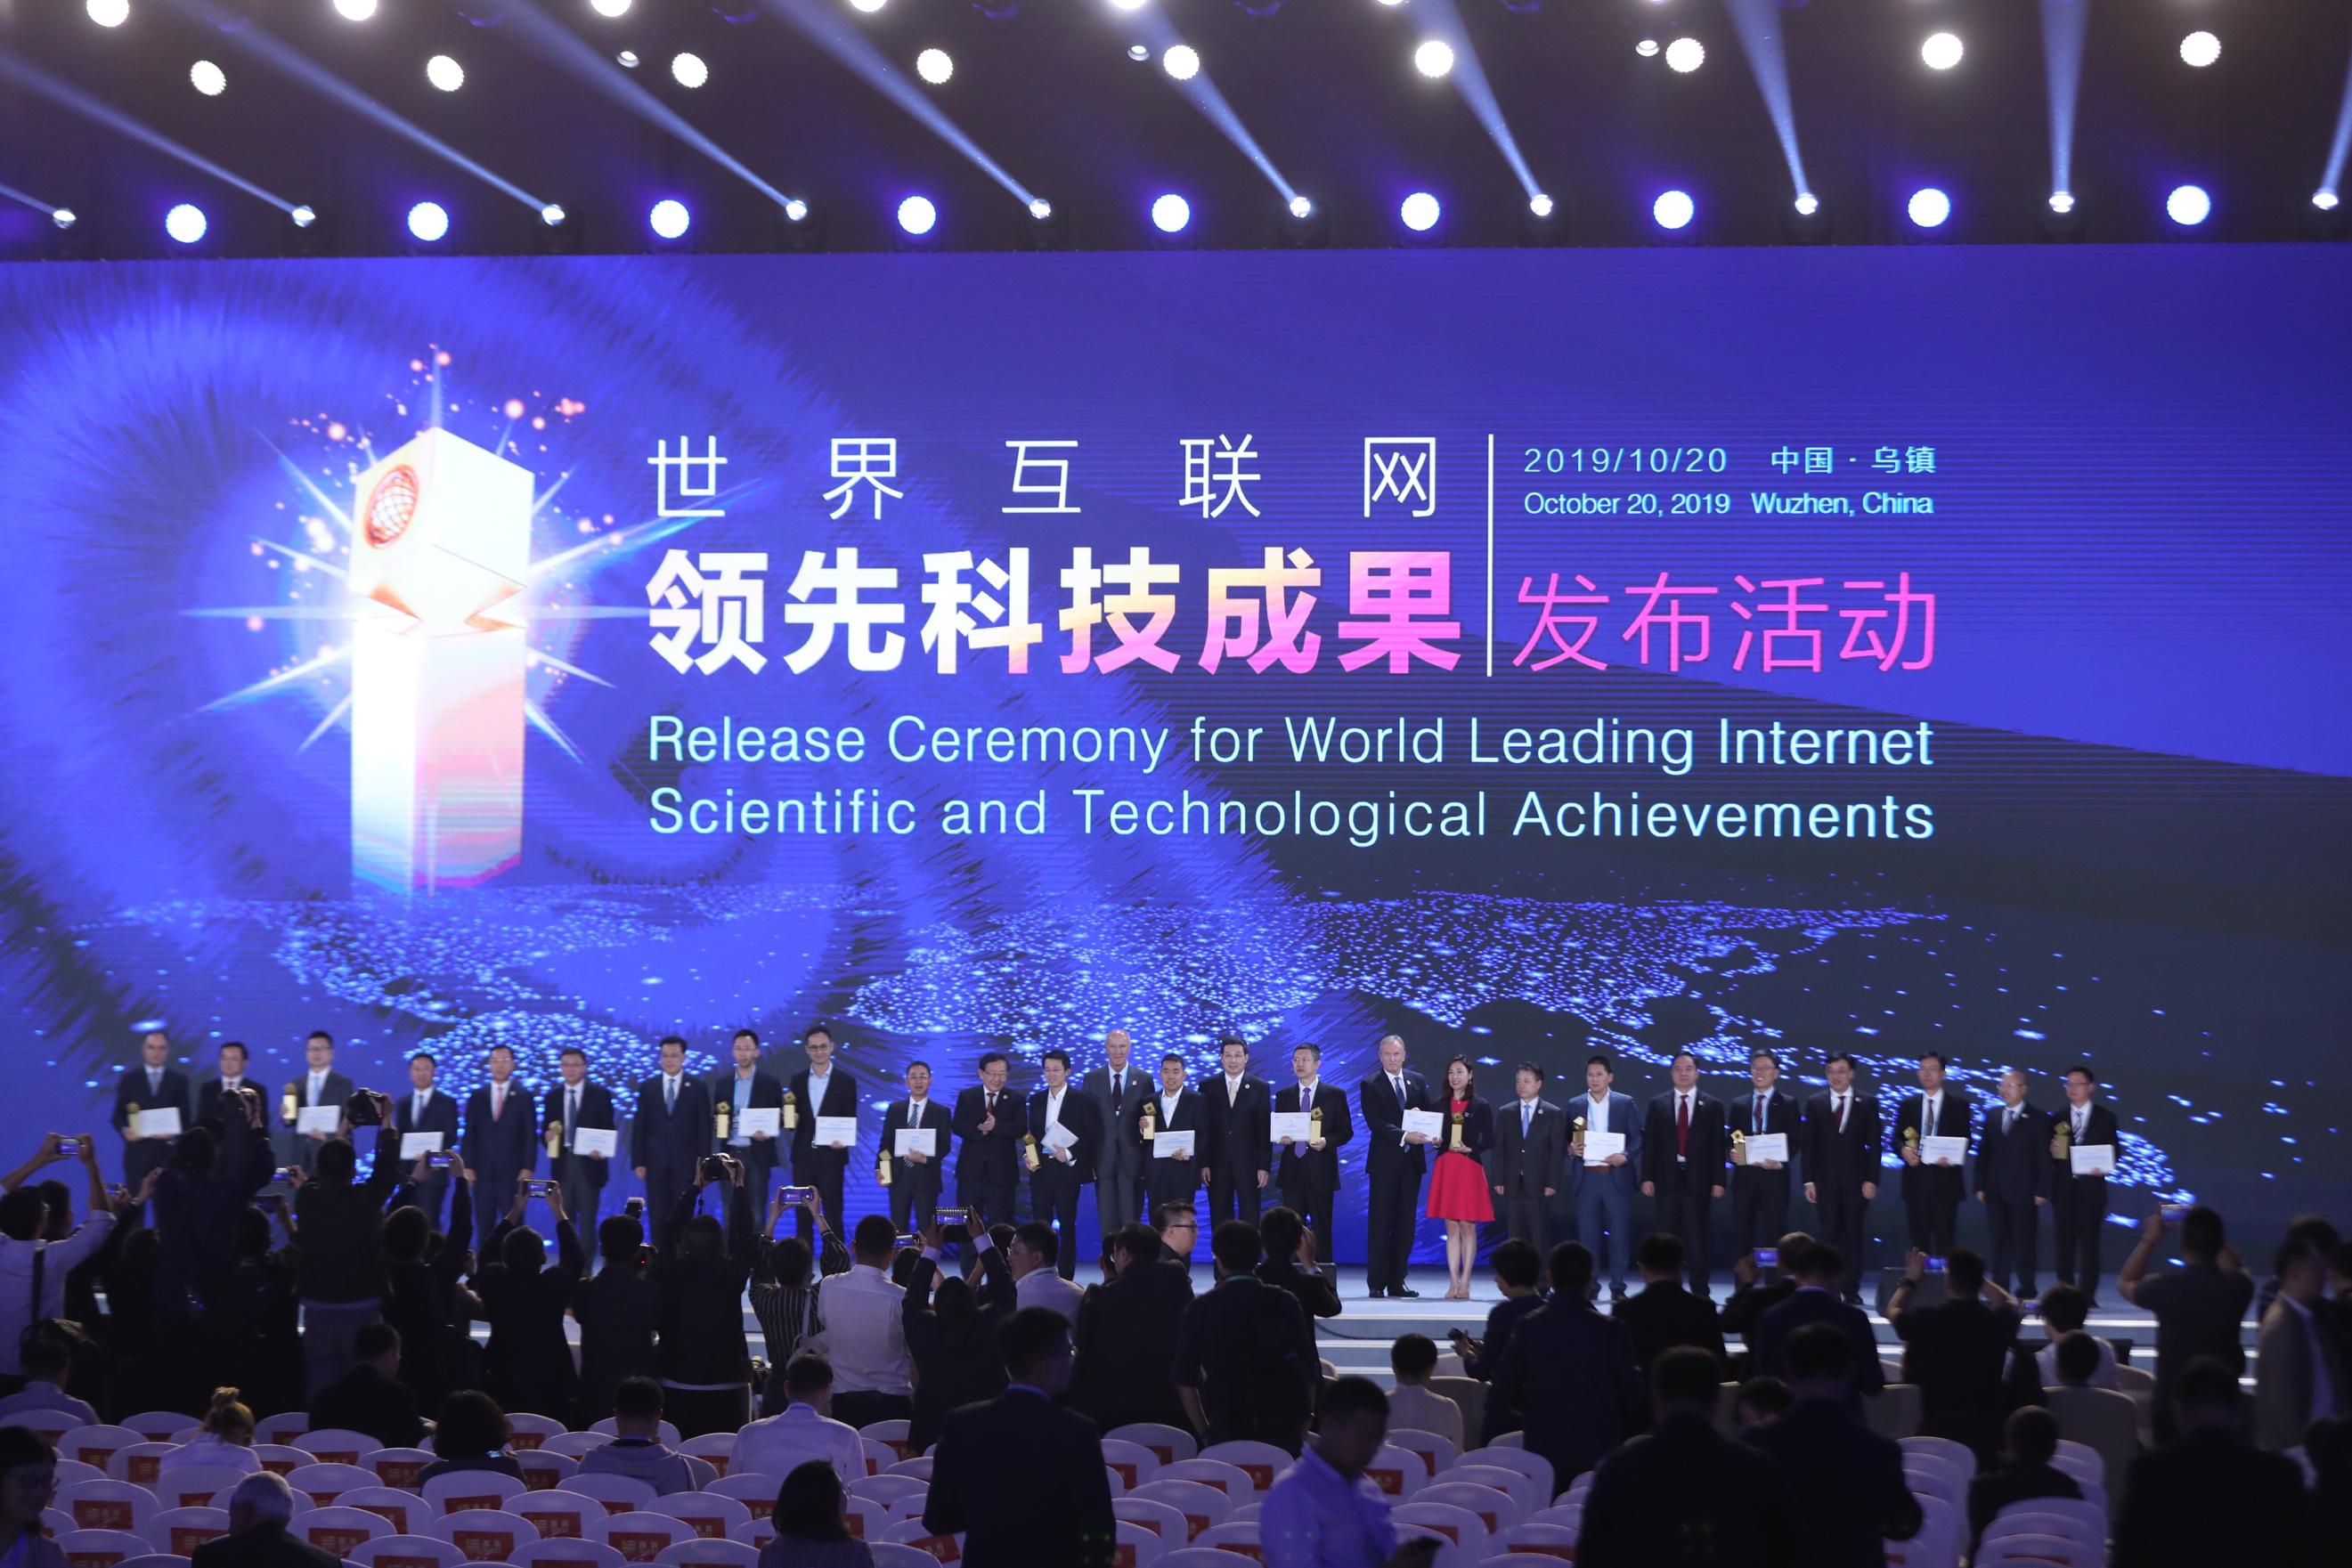 第六届世界互联网大会发布15项领先科技成果华为、百度和360等皆入选